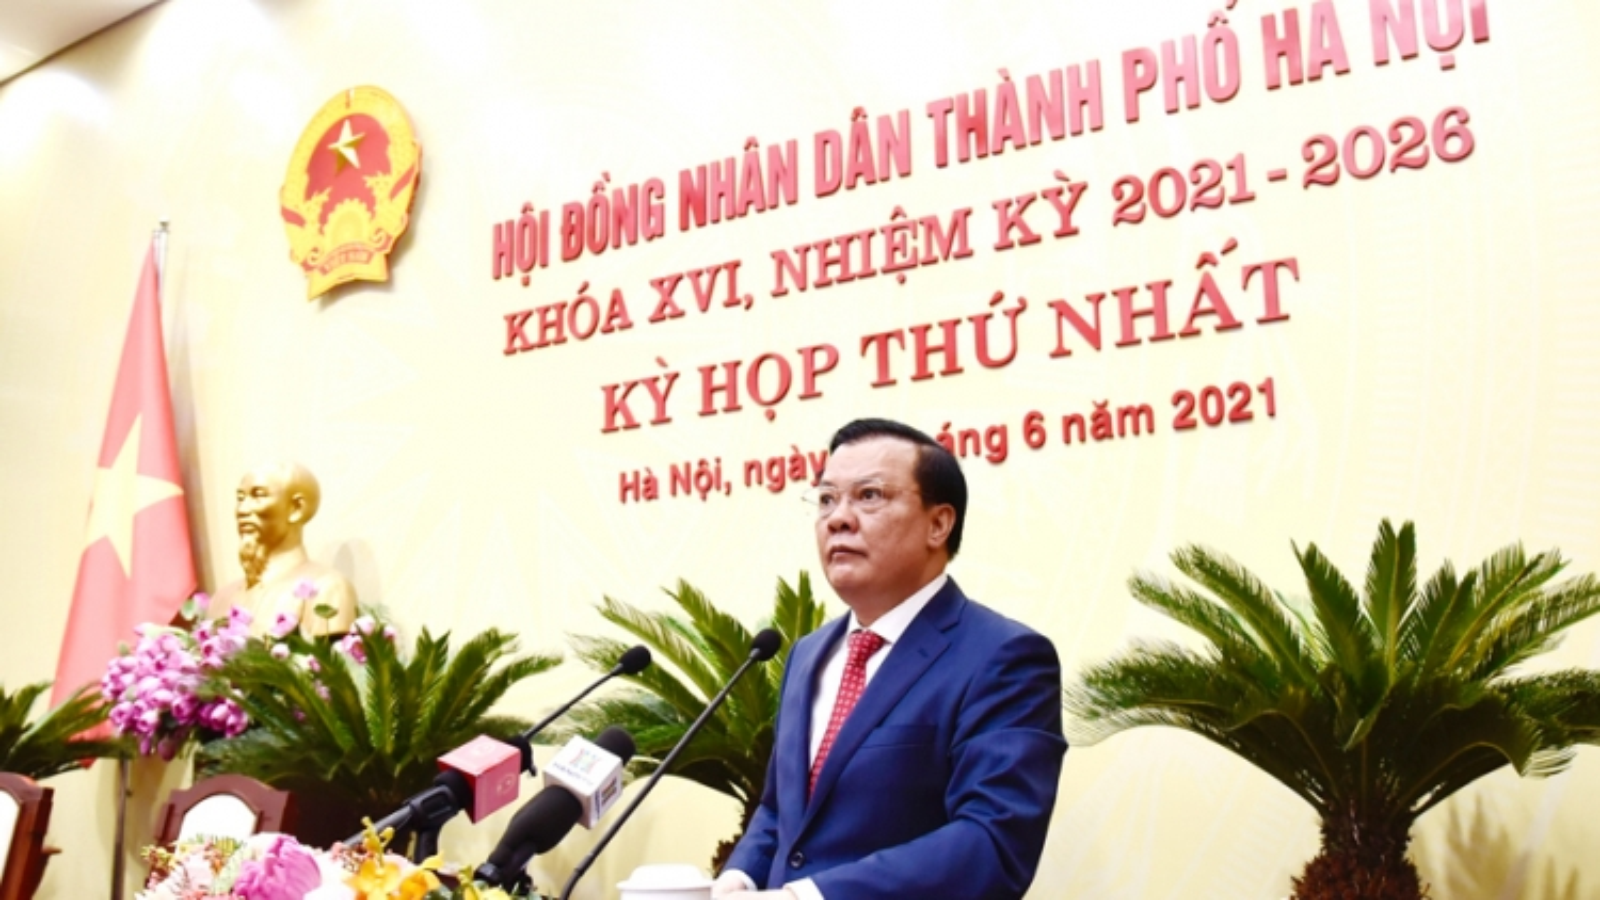 Bí thư Hà Nội đề nghị đại biểu HĐND mở rộng các hình thức tiếp xúc cử tri